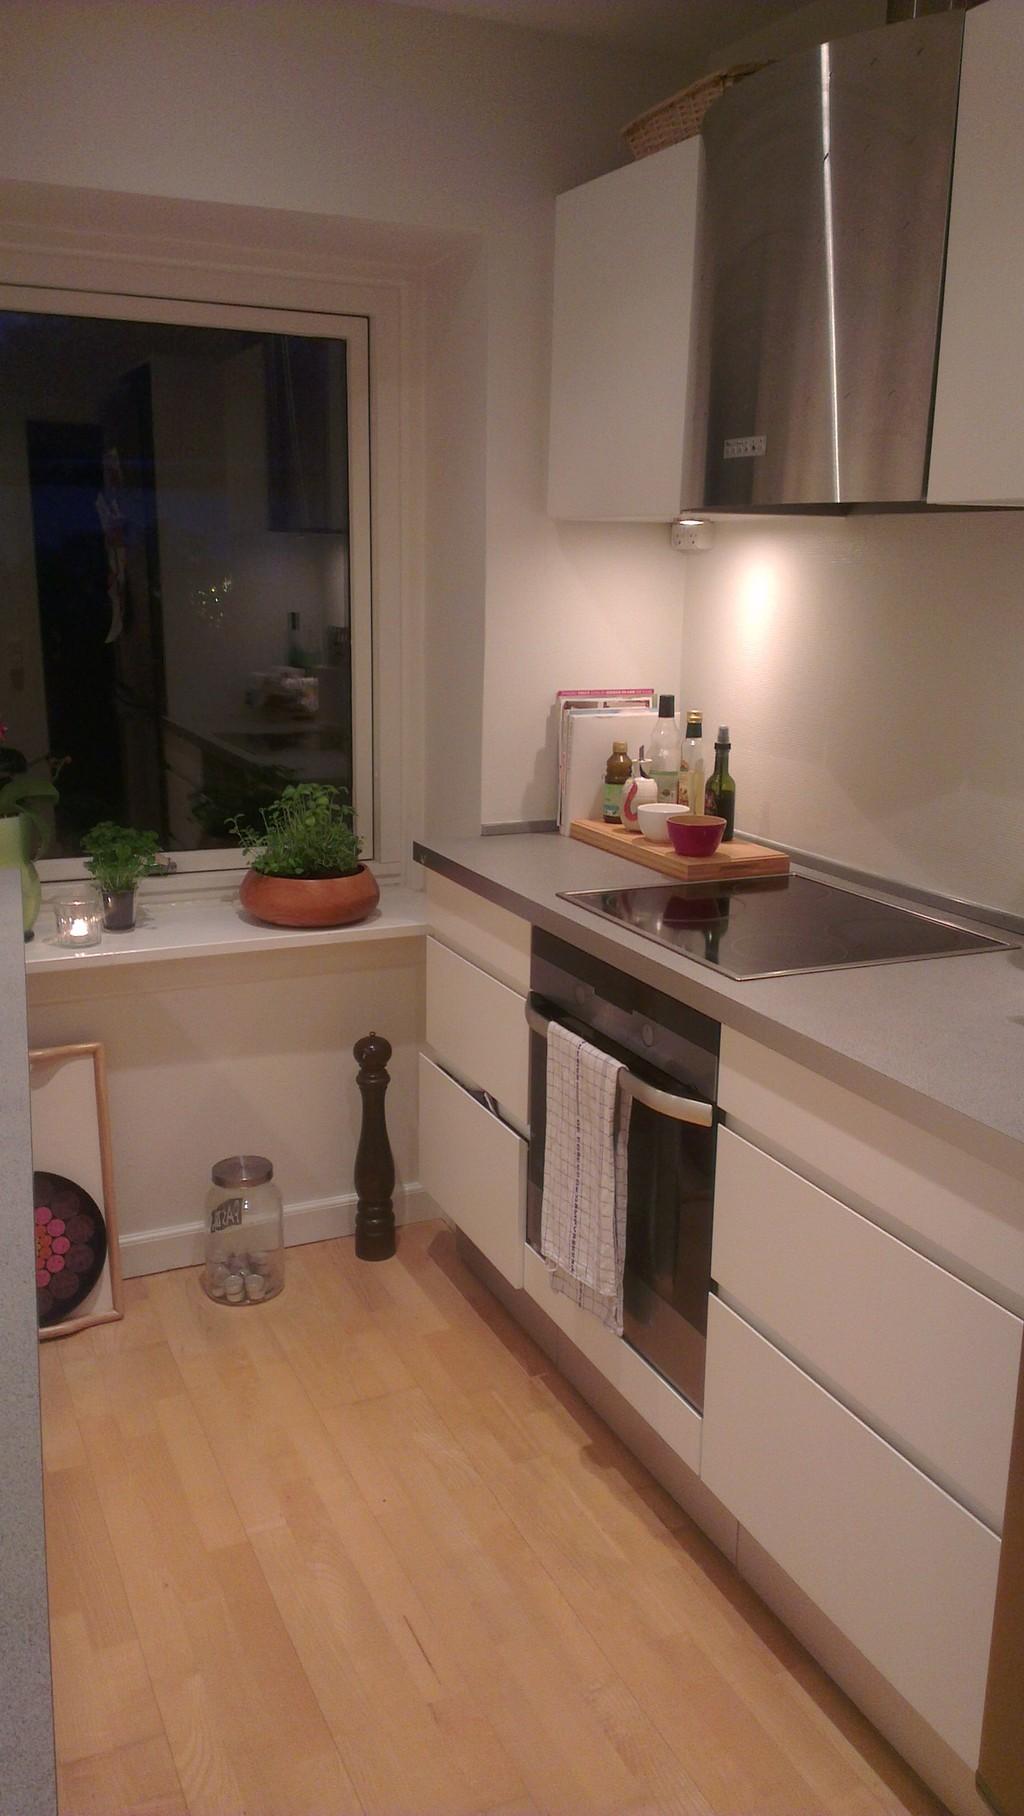 2 Beedroom Appartment With Furniture 20 Min From Copenhagen Flat Rent Copenhagen